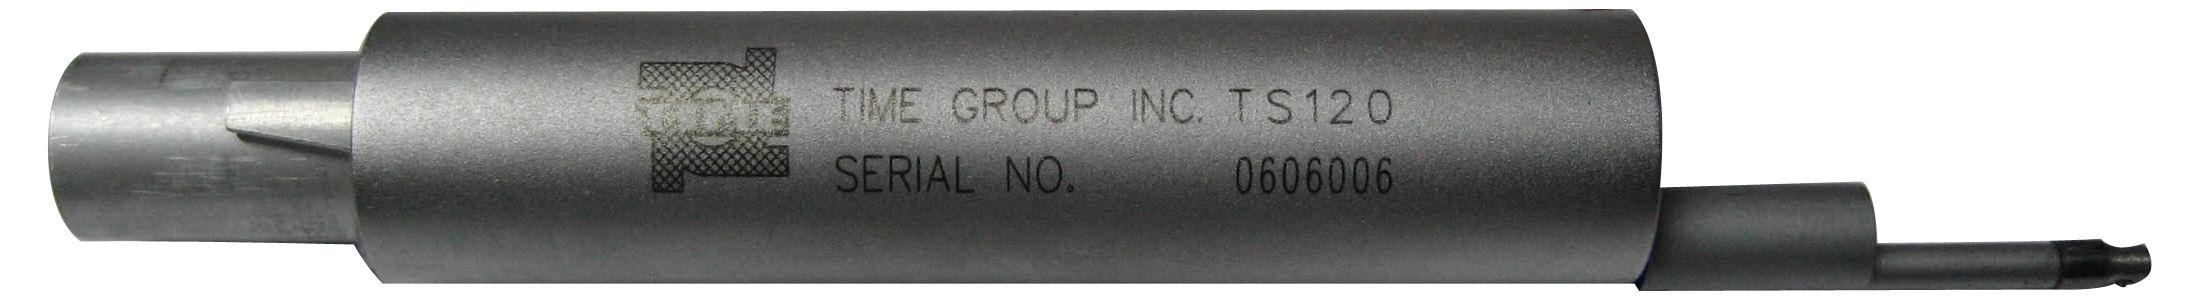 粗糙度仪传感器/PC软件/转接杆